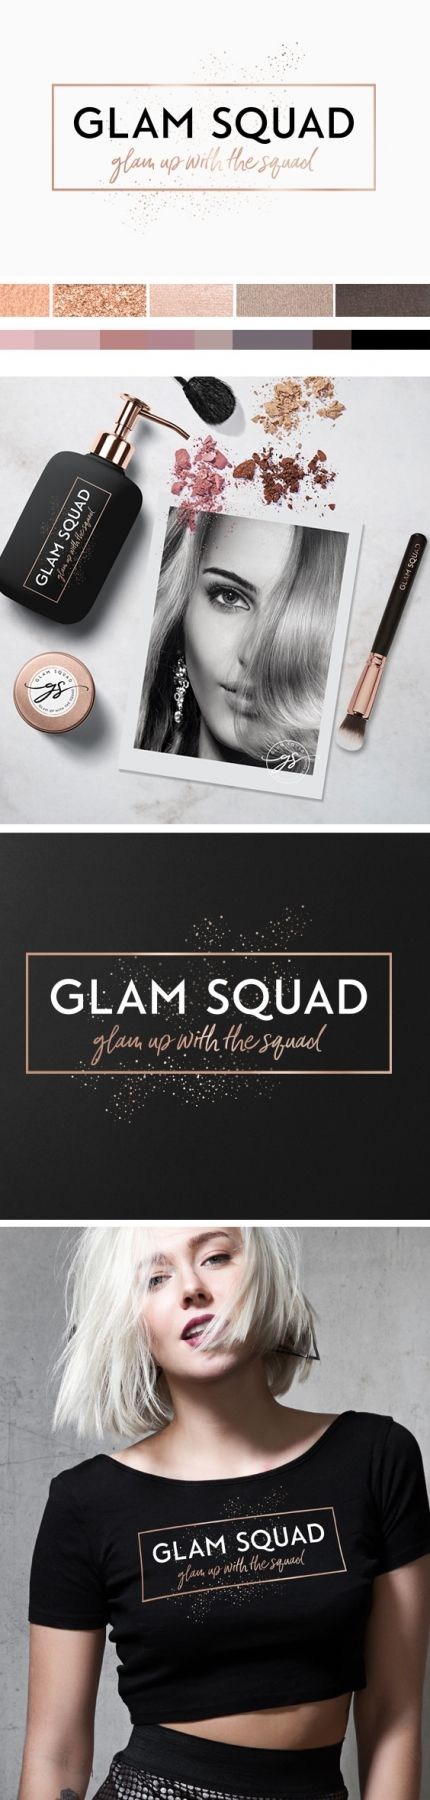 black and gold logo, rose gold logo, branding design, branding, logo, black, glitter, palette, makeup, artist, branding, logo design inspiration, glam logo, modern logo